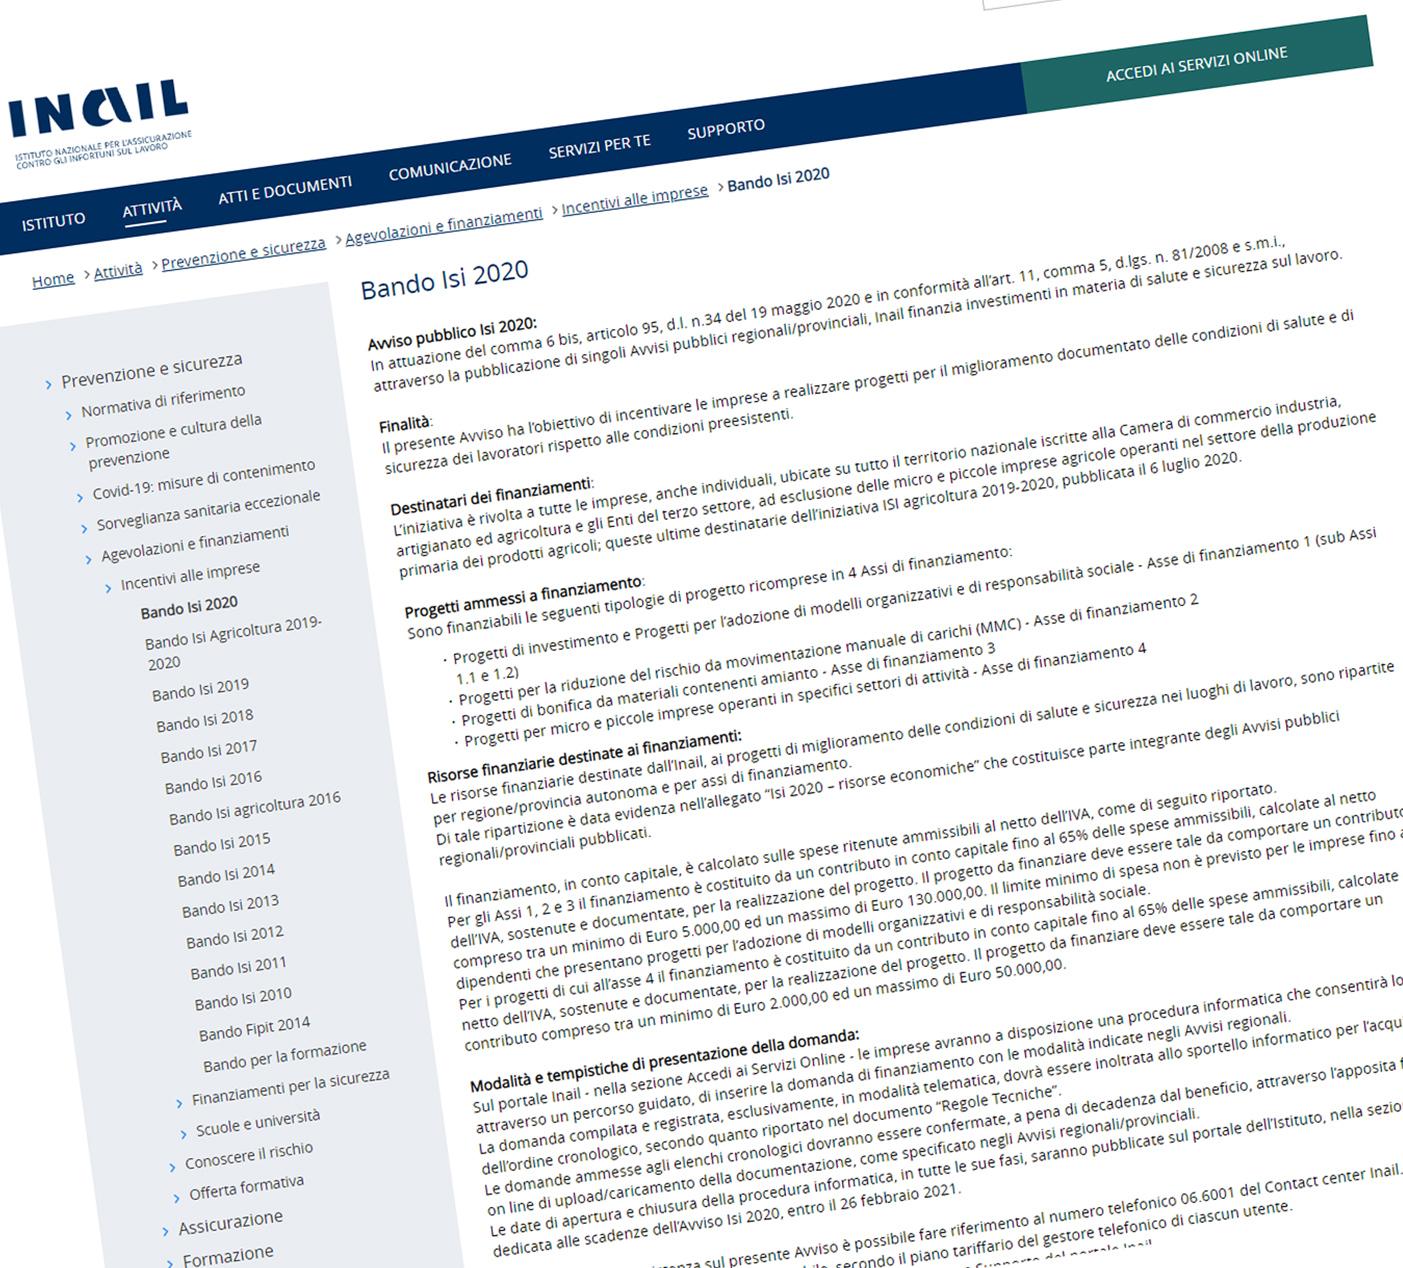 bando bando Incentivi rimozione amianto per aziende il bando ISI INAIL 2020 - Ecoteti srl